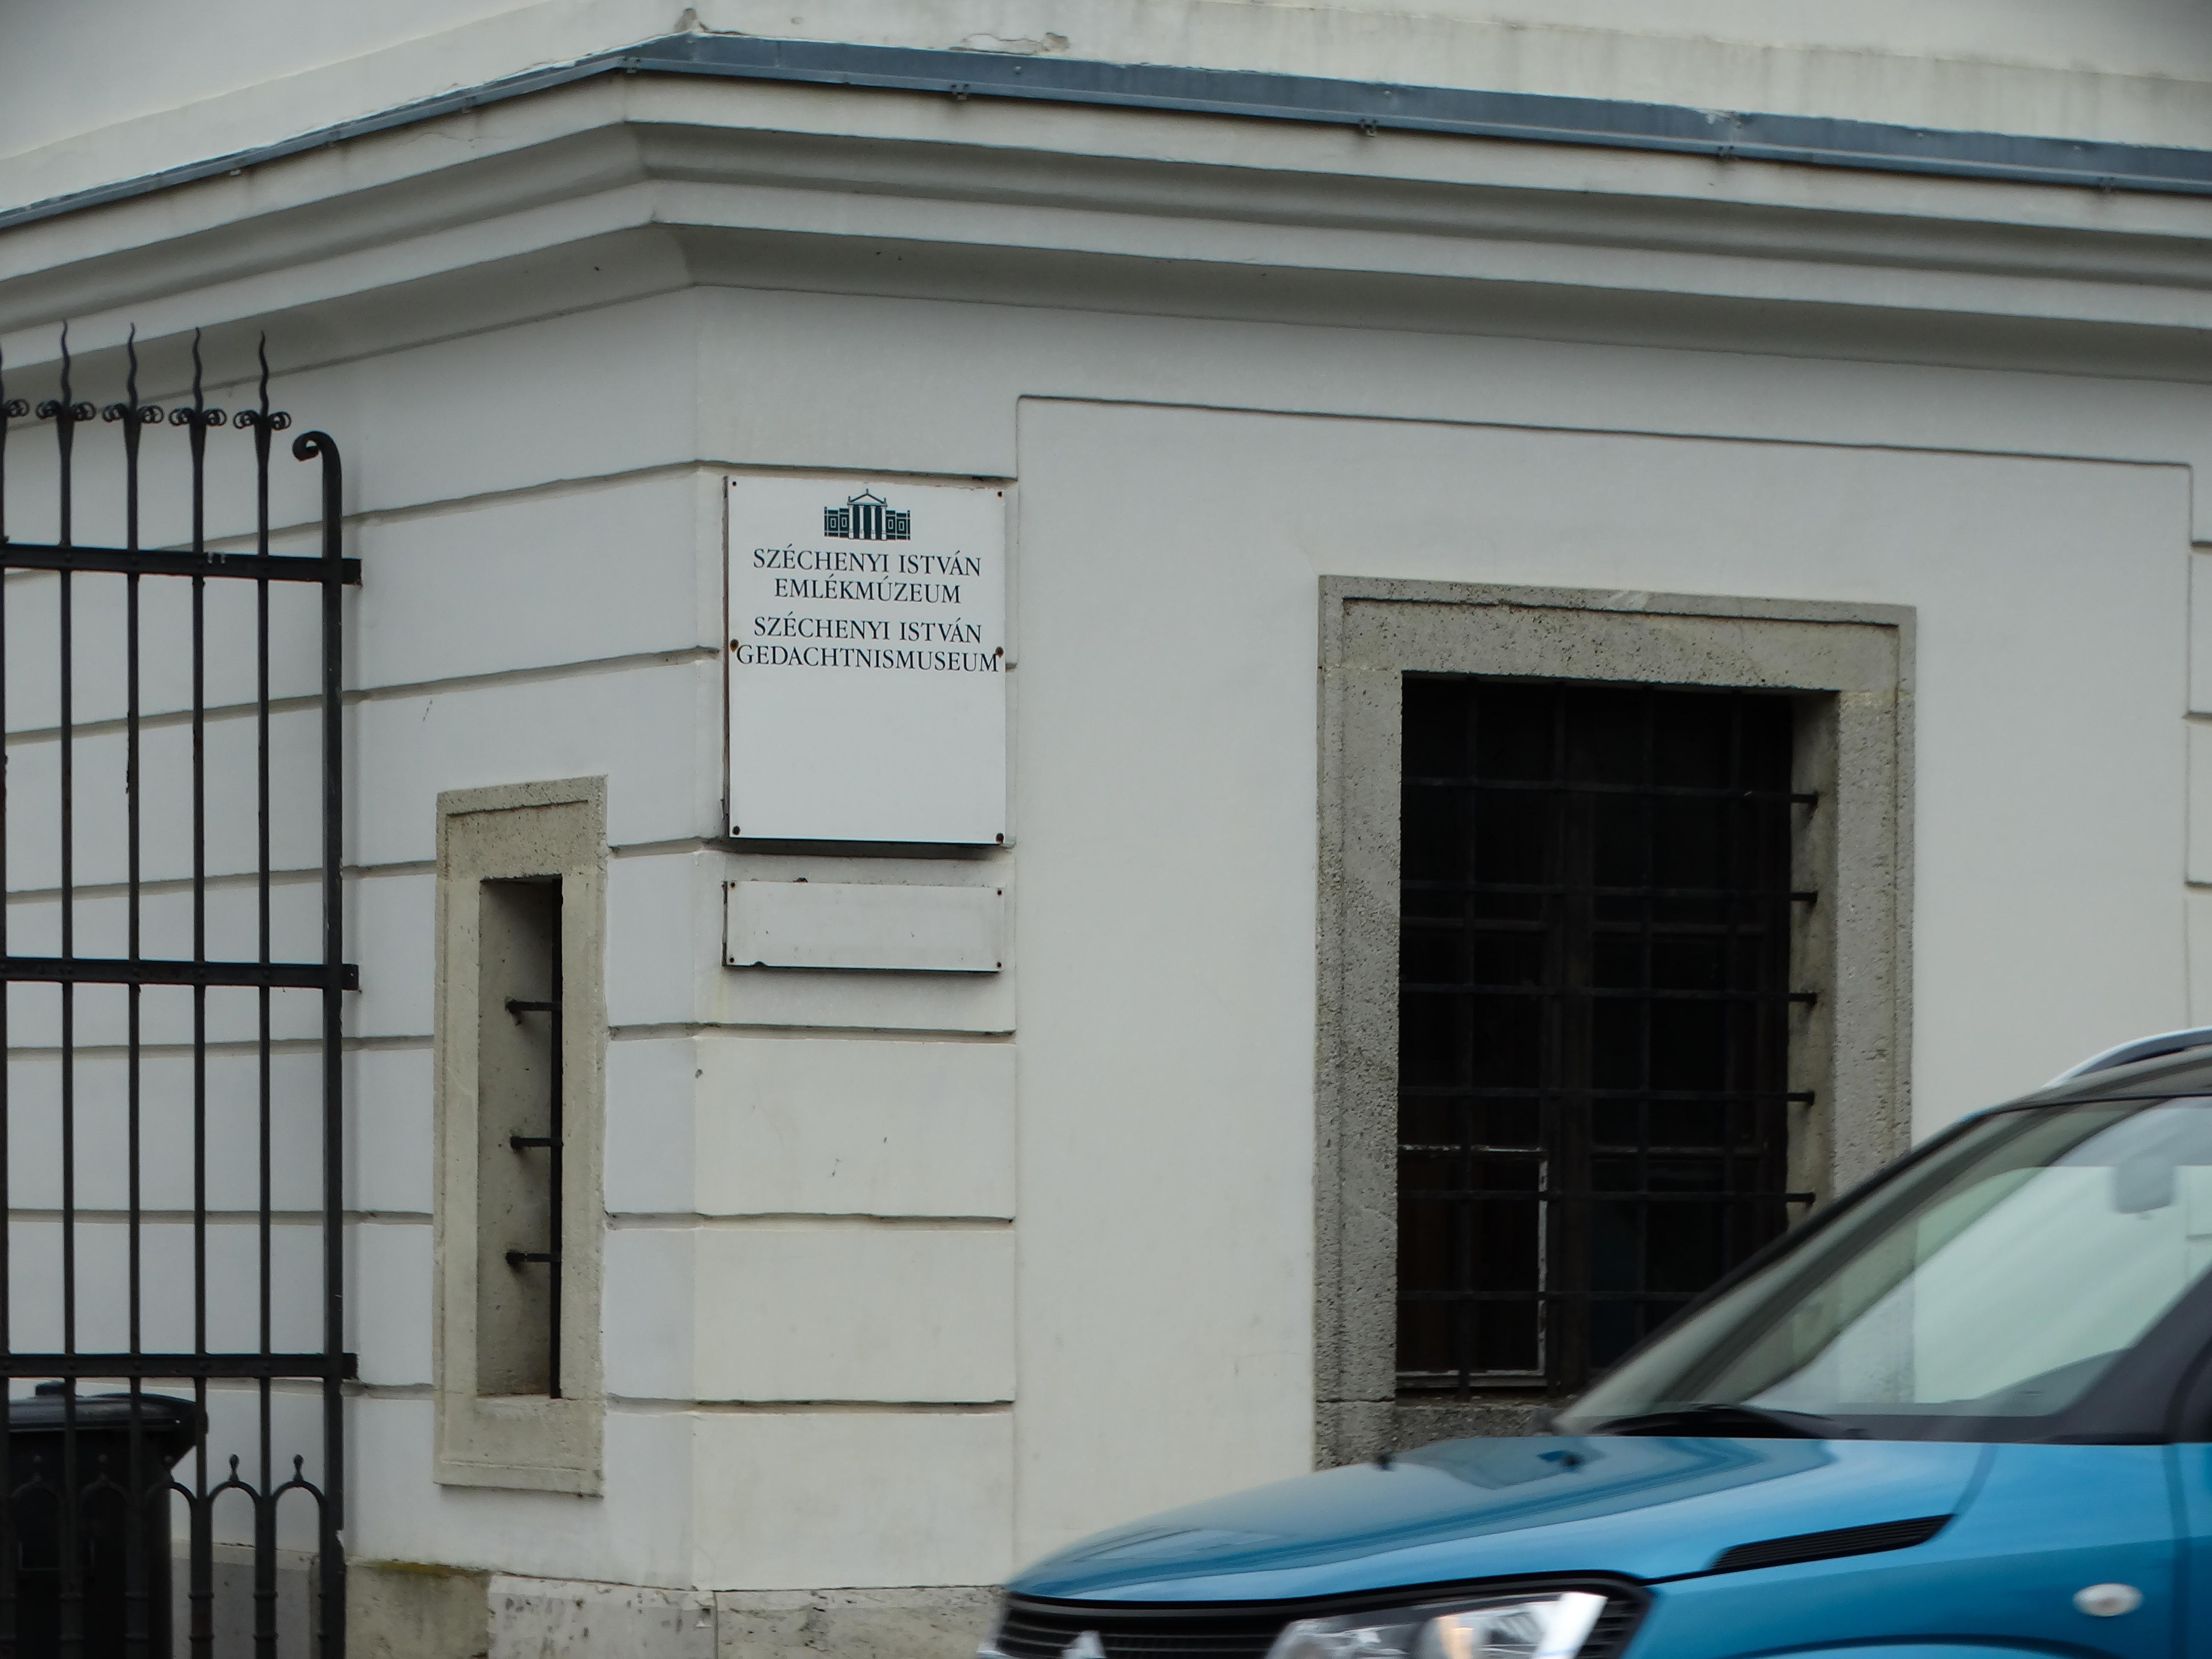 2018.06.25.: Széchenyi-kastély